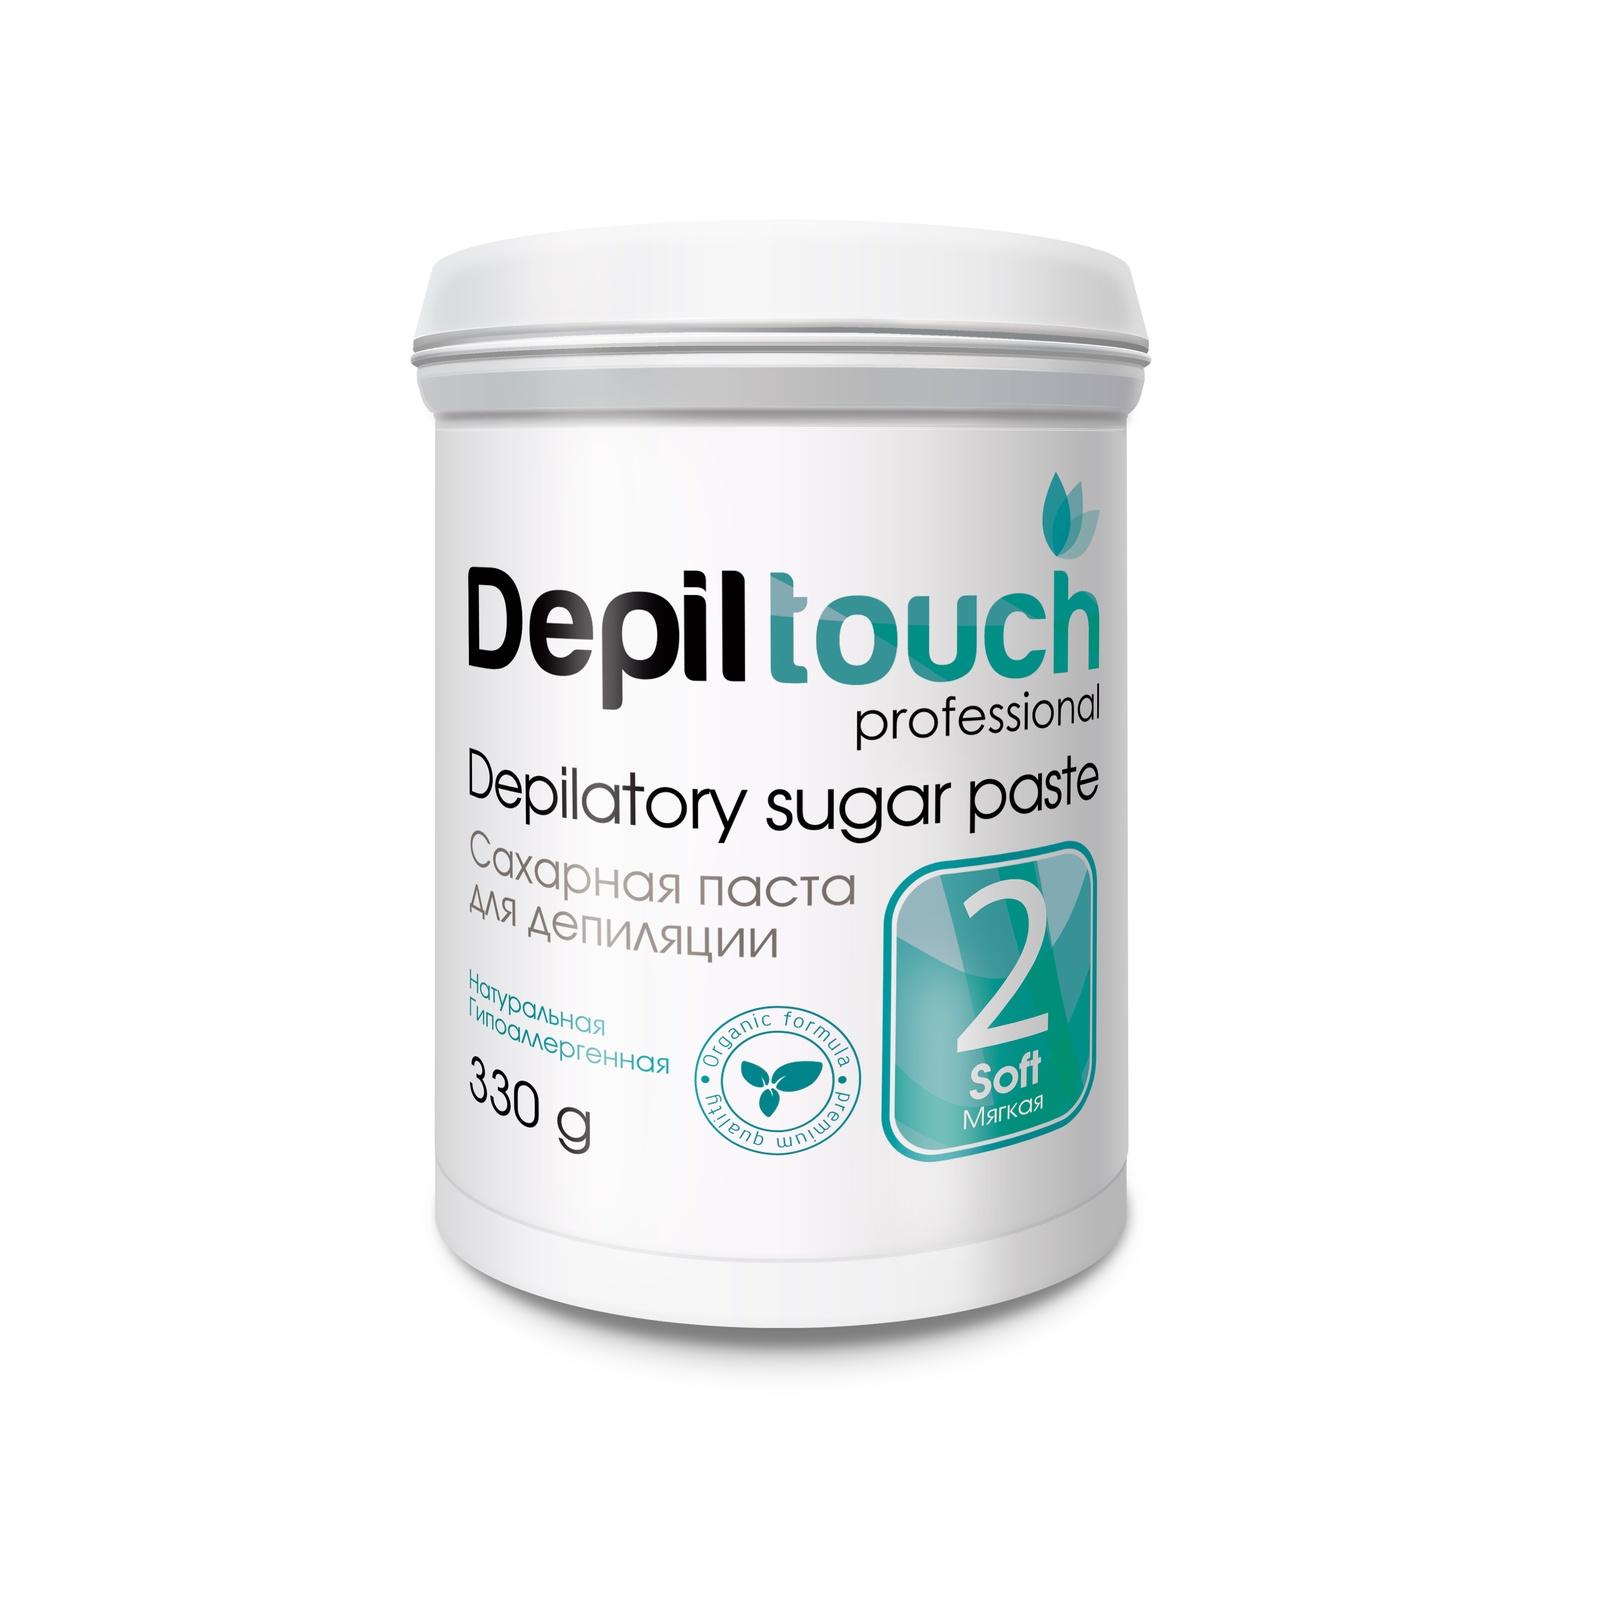 Depiltouch 87703 Сахарная паста для депиляции 2 МЯГКАЯ Depiltouch professional 330г сахарная паста для депиляции jessnail отзывы